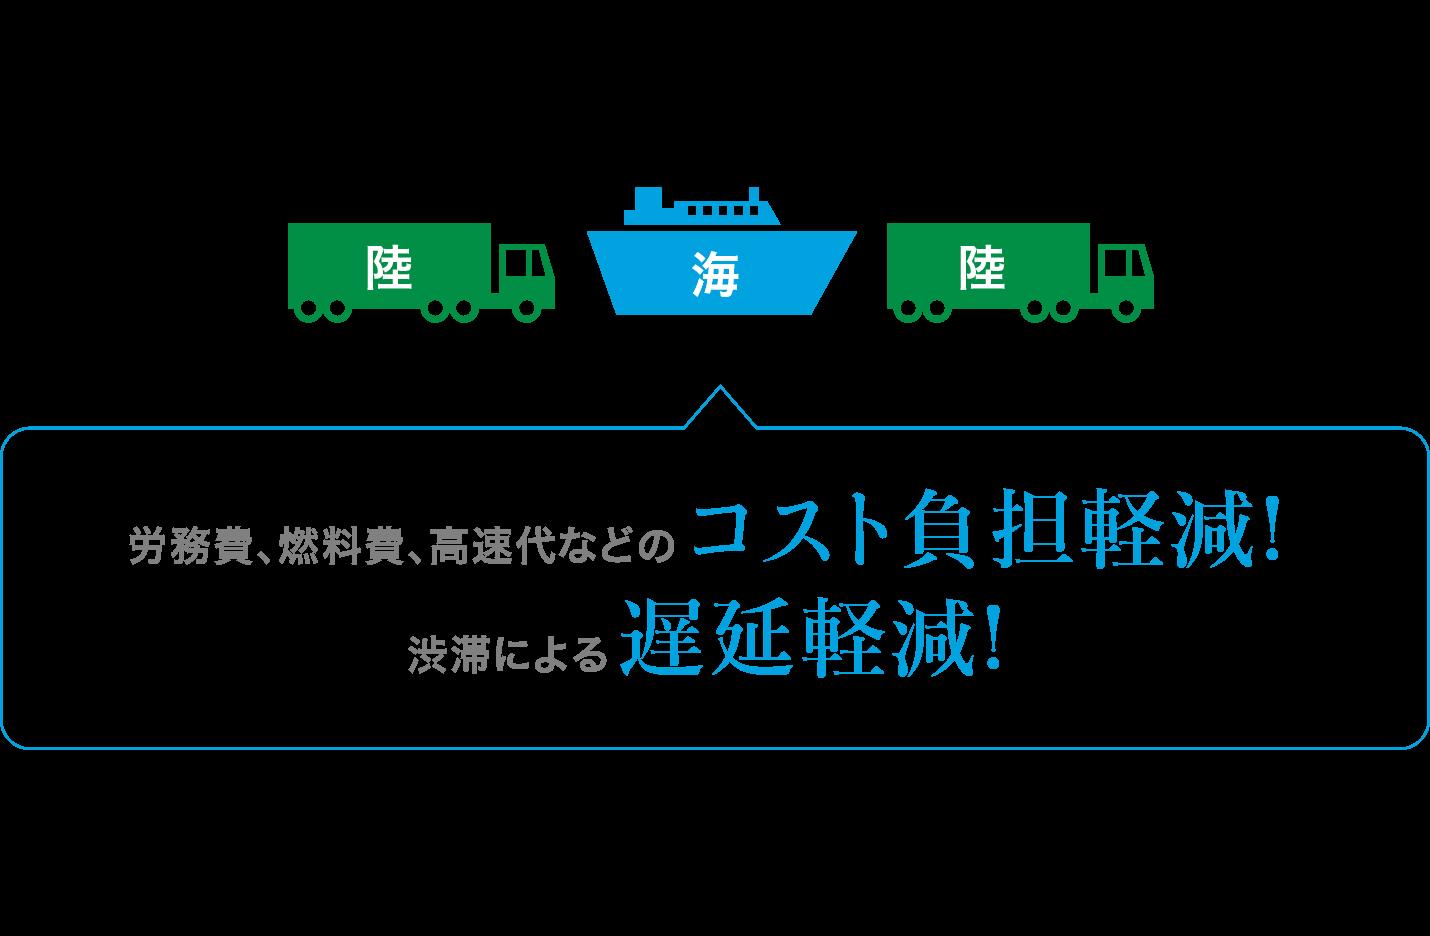 海陸一貫輸送のメリット